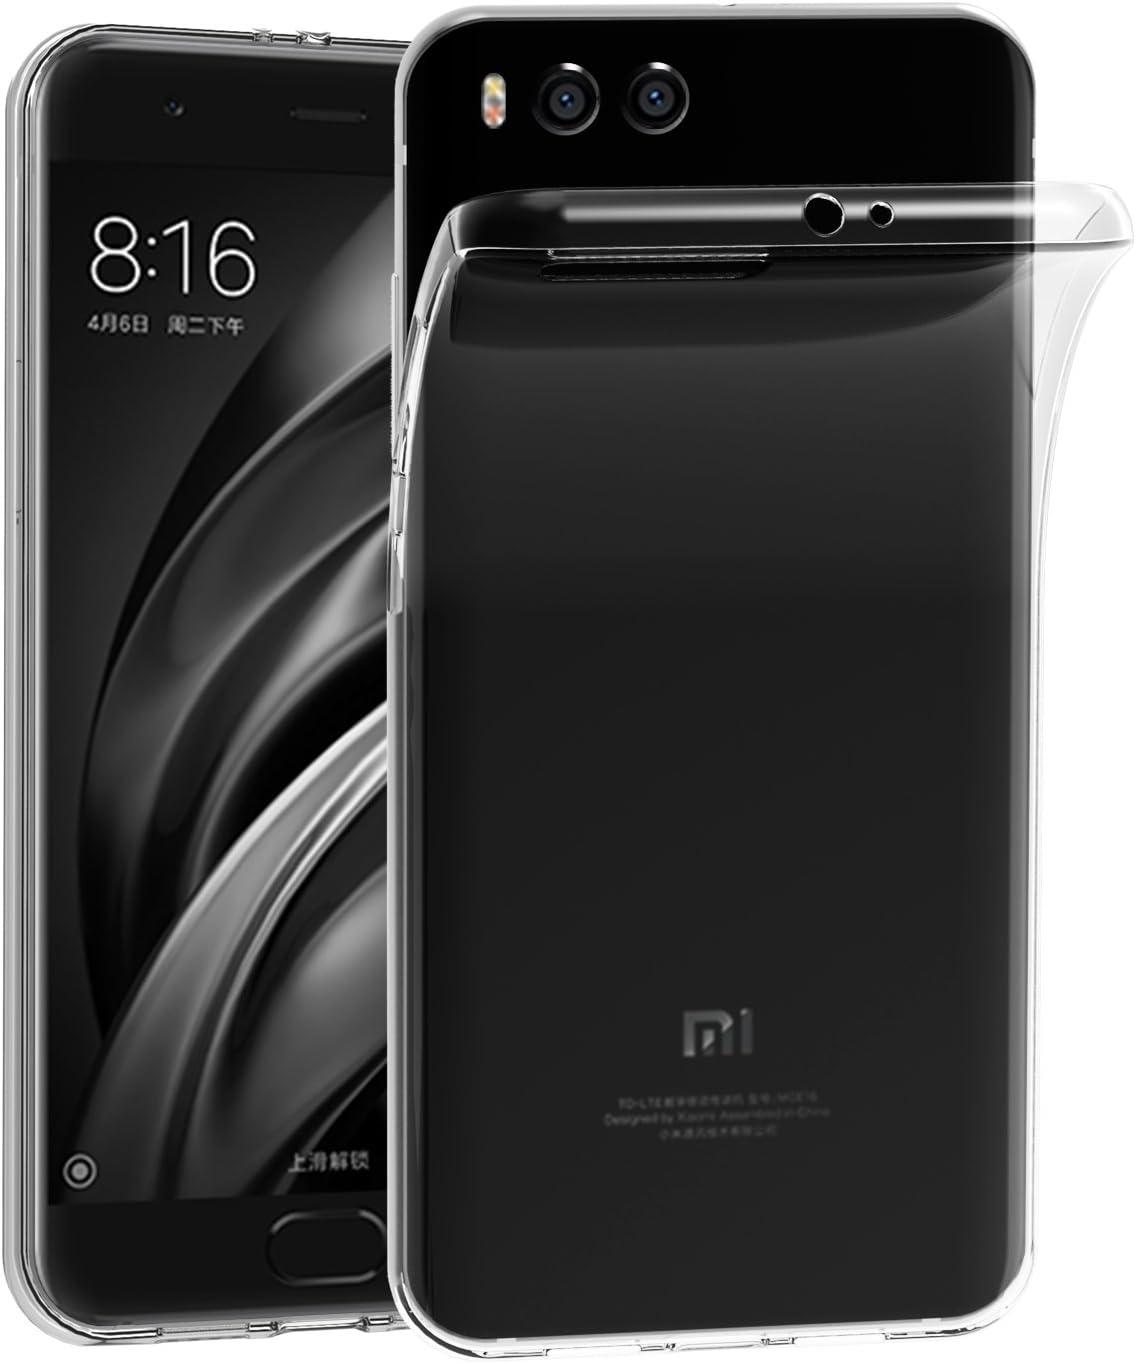 Skrzynki pokrywa Xiaomi Mi 6, 6 iVoler Xiaomi Mi Silicone Case TPU miękkie Transparent Kryształ Cienka Anti Przesuń Case Powrót pokrycia ochroną Anti-Shock dla Xiaomi Mi 6 (Crystal Clear) - 18 miesięczną gwarancją